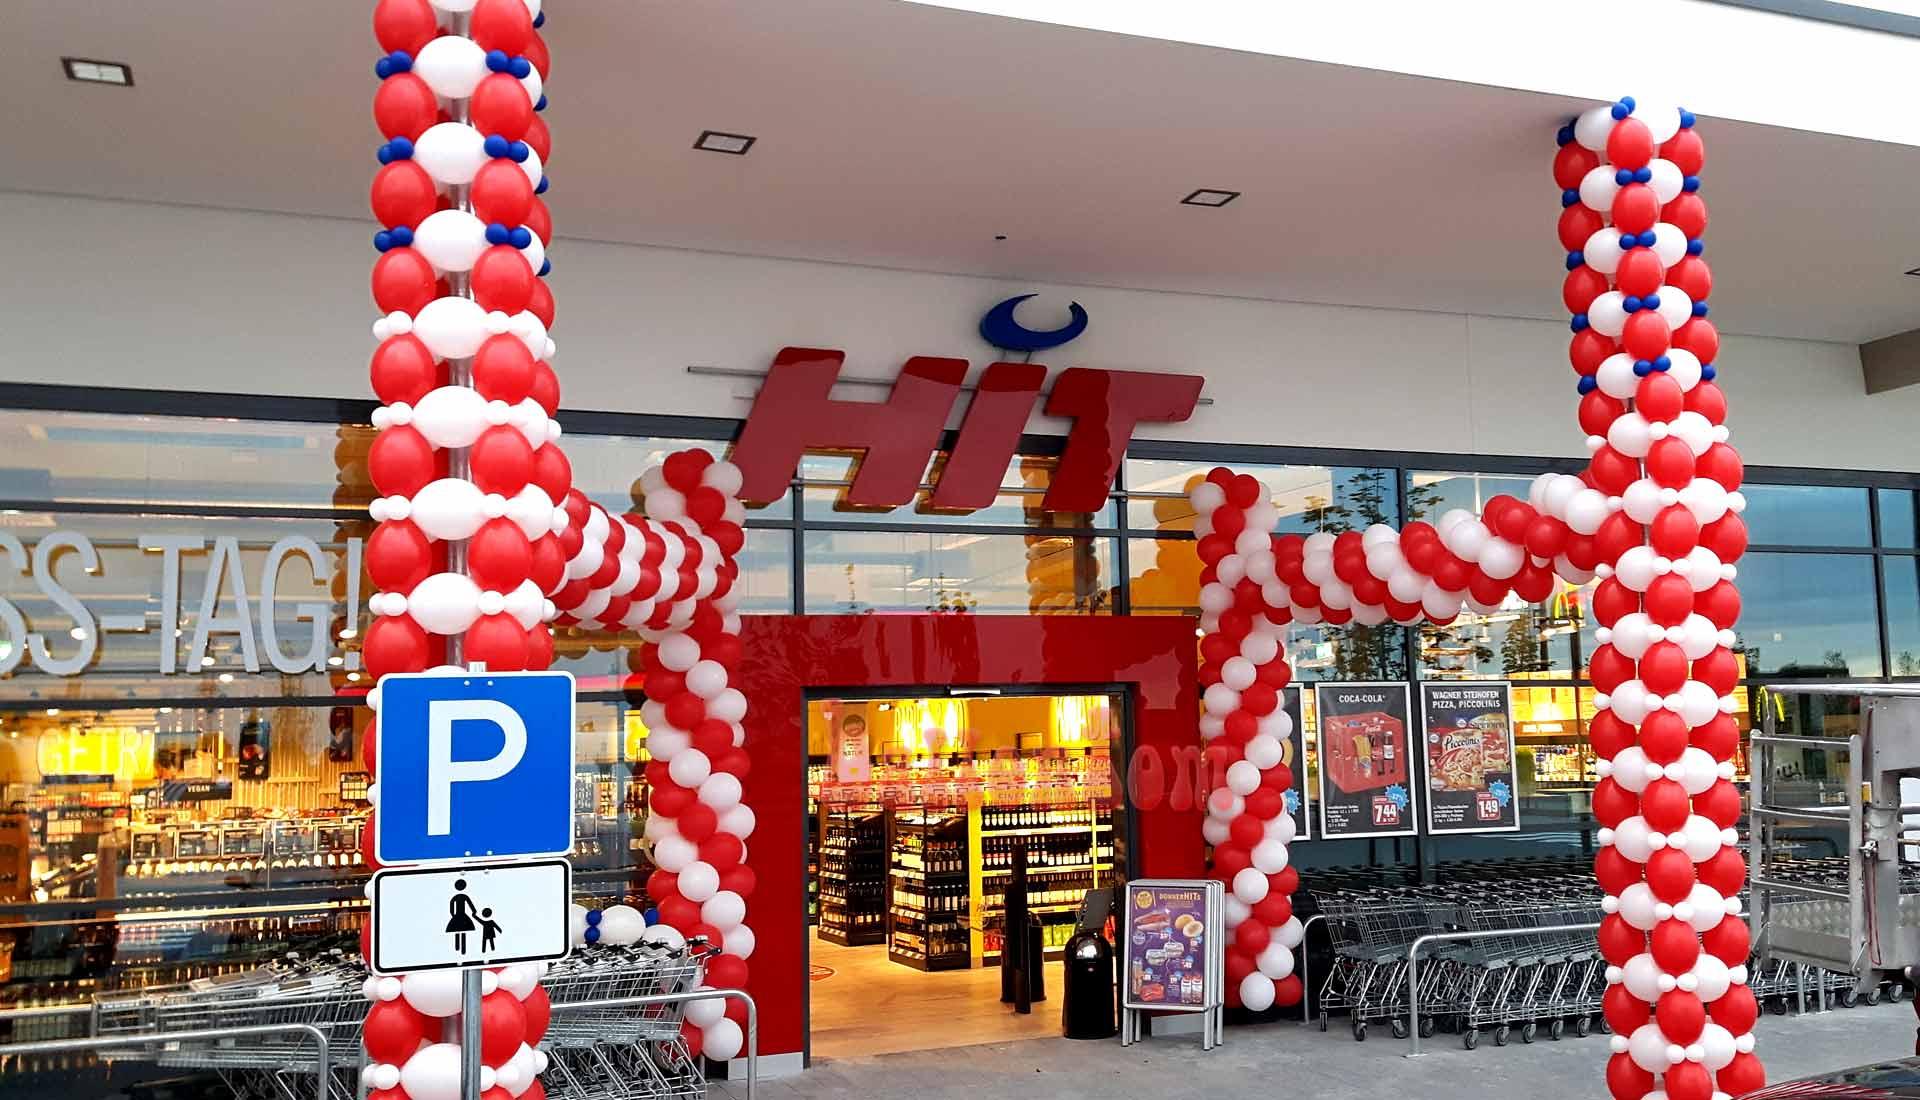 Ballondekoration HIT-Markt